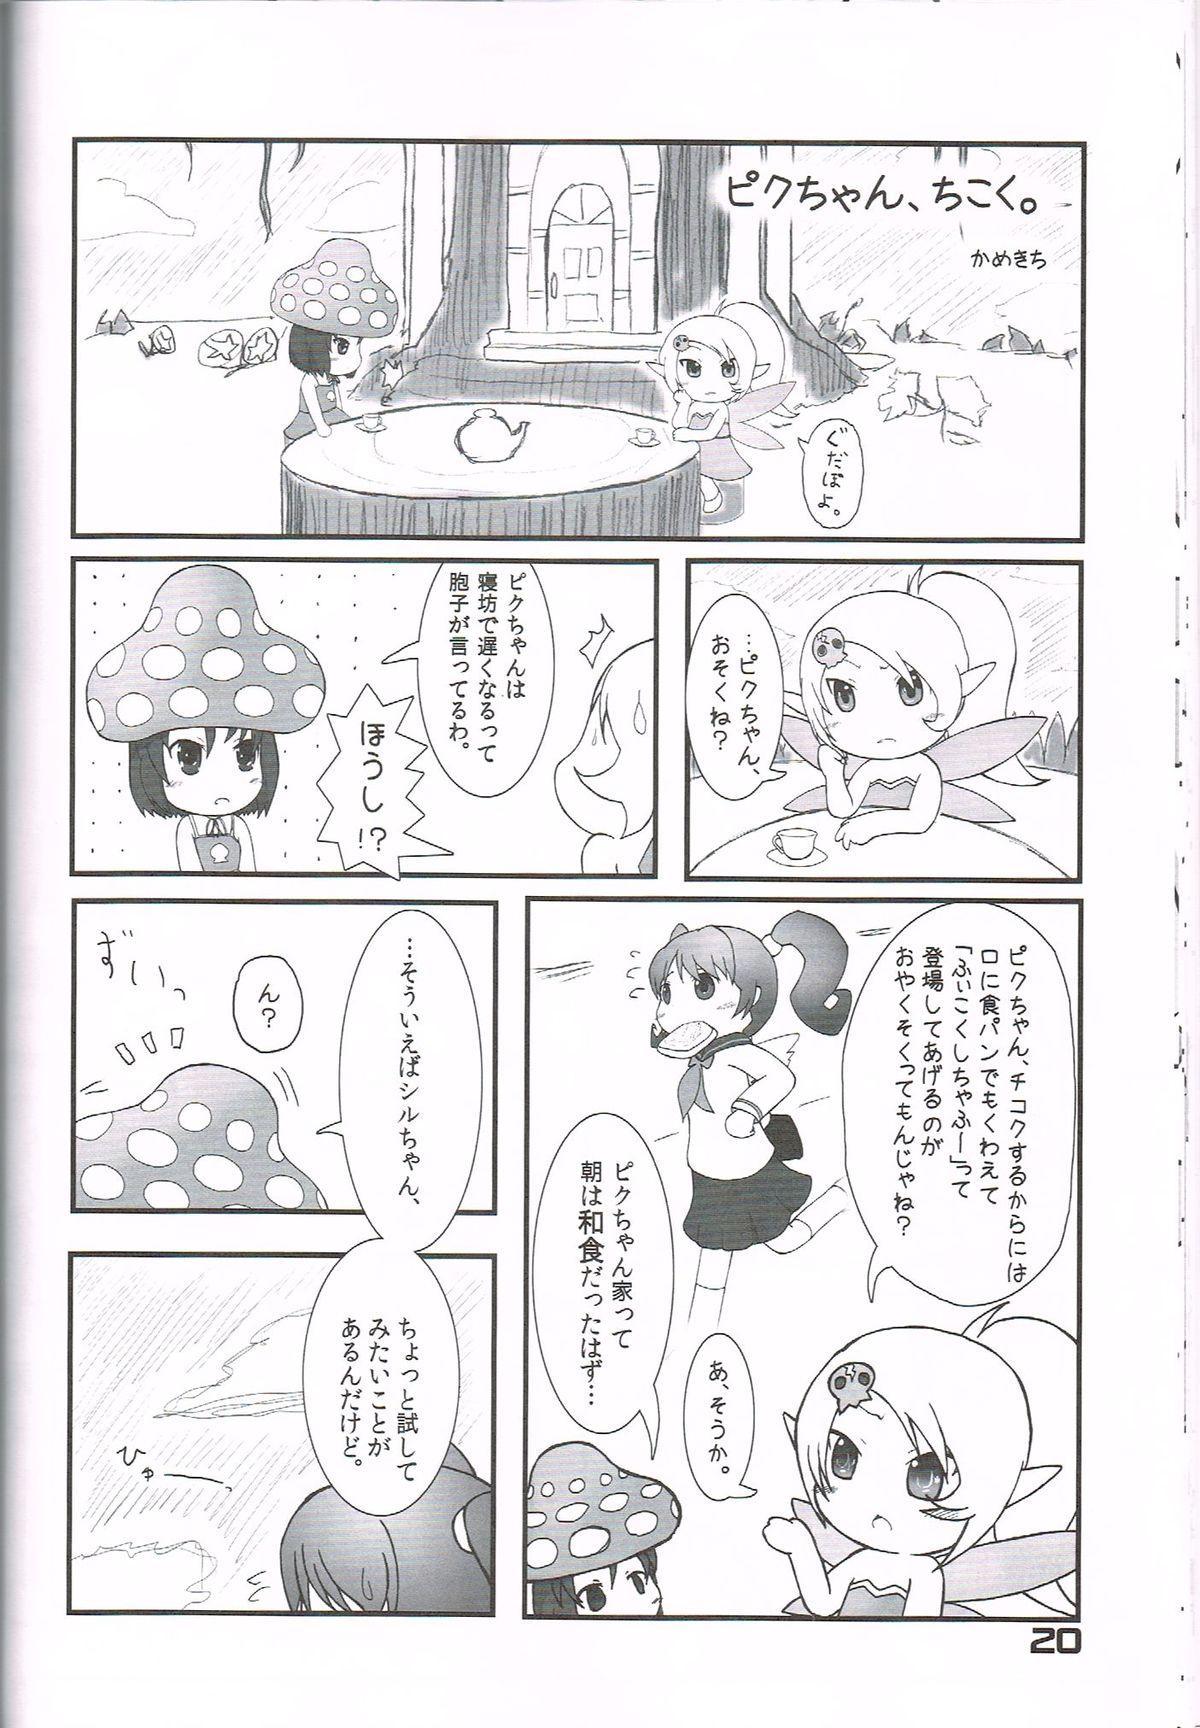 """Hatashite Konofuyu Nansatsu no Doujinshi ga """"○○ Fairies"""" Toiu Title Darouka 18"""